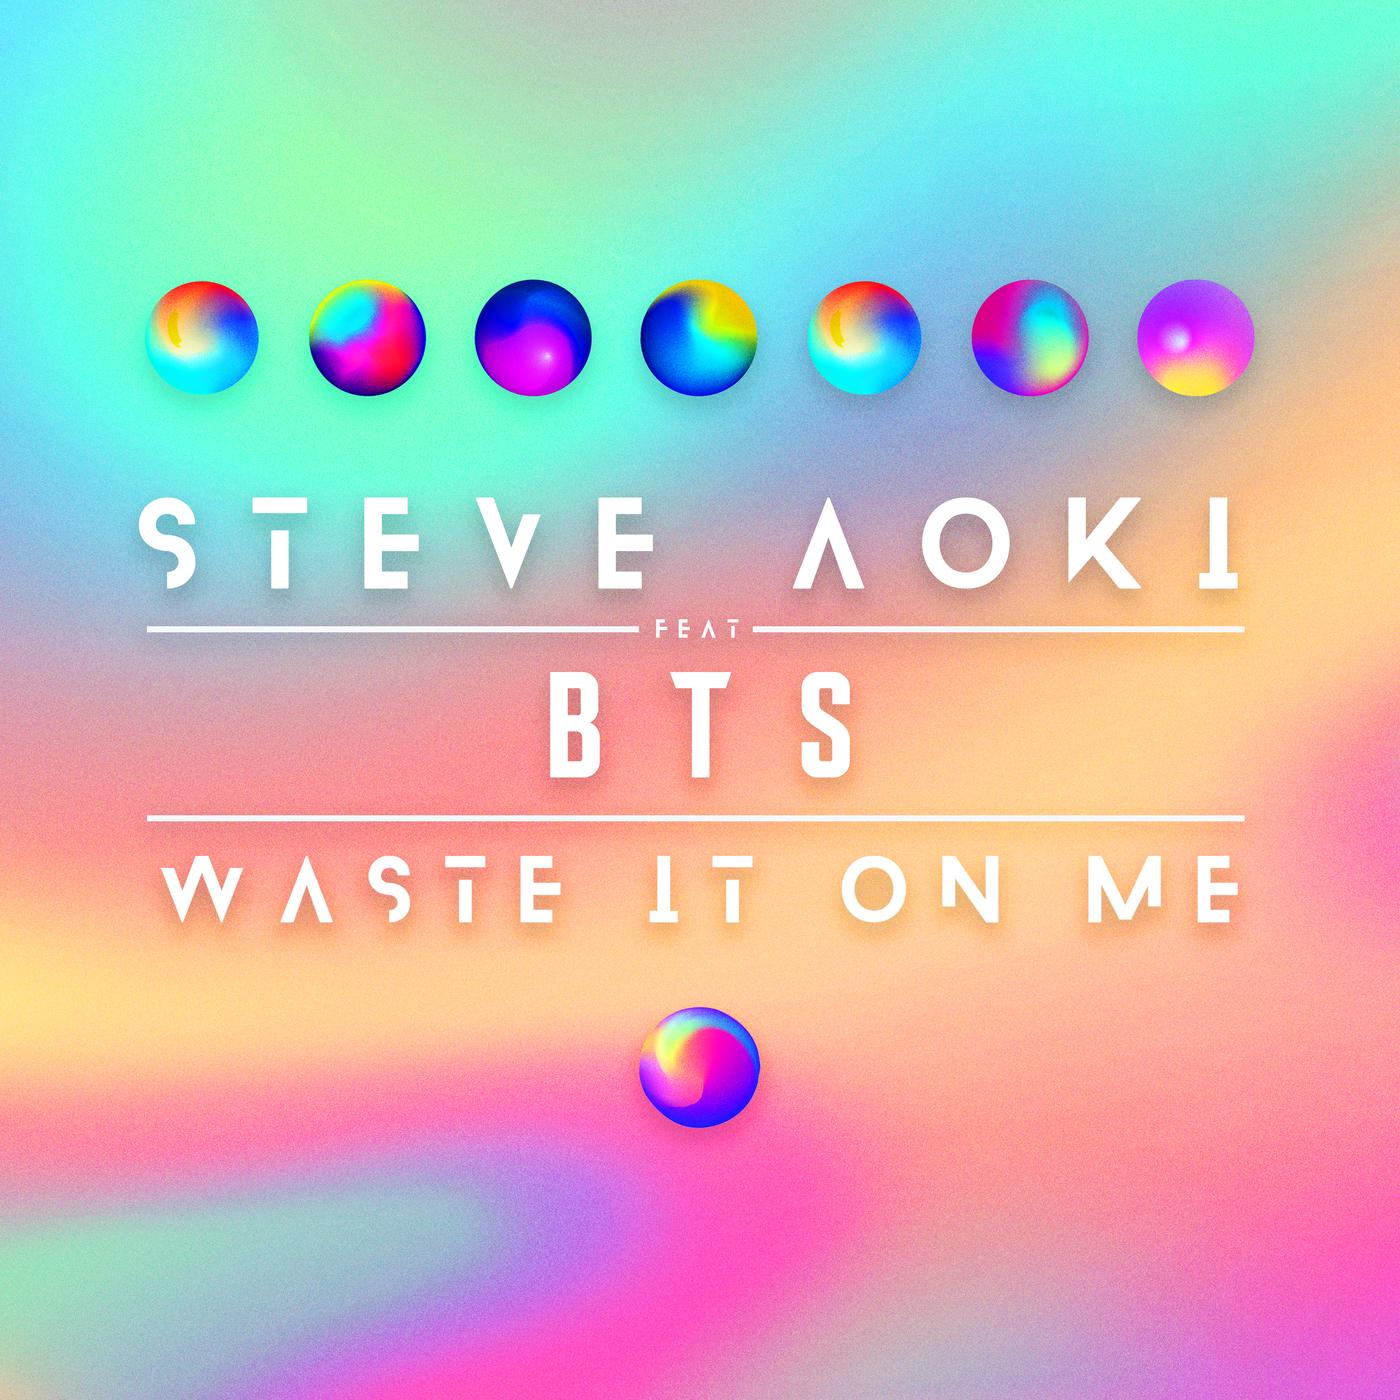 Waste It On Me - Steve Aoki - BTS